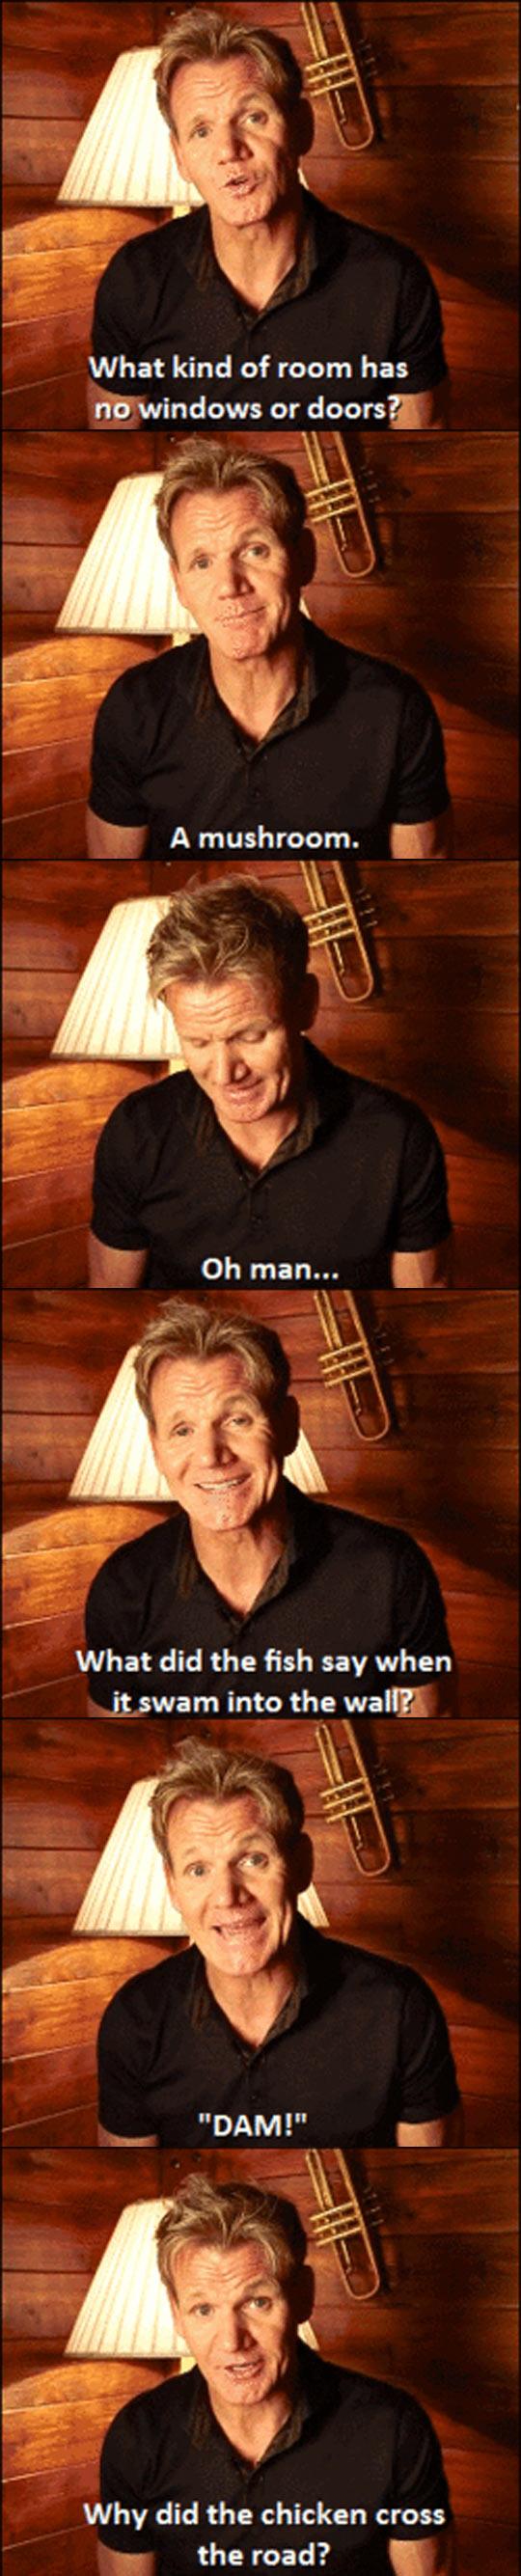 funny-Gordon-Ramsay-jokes